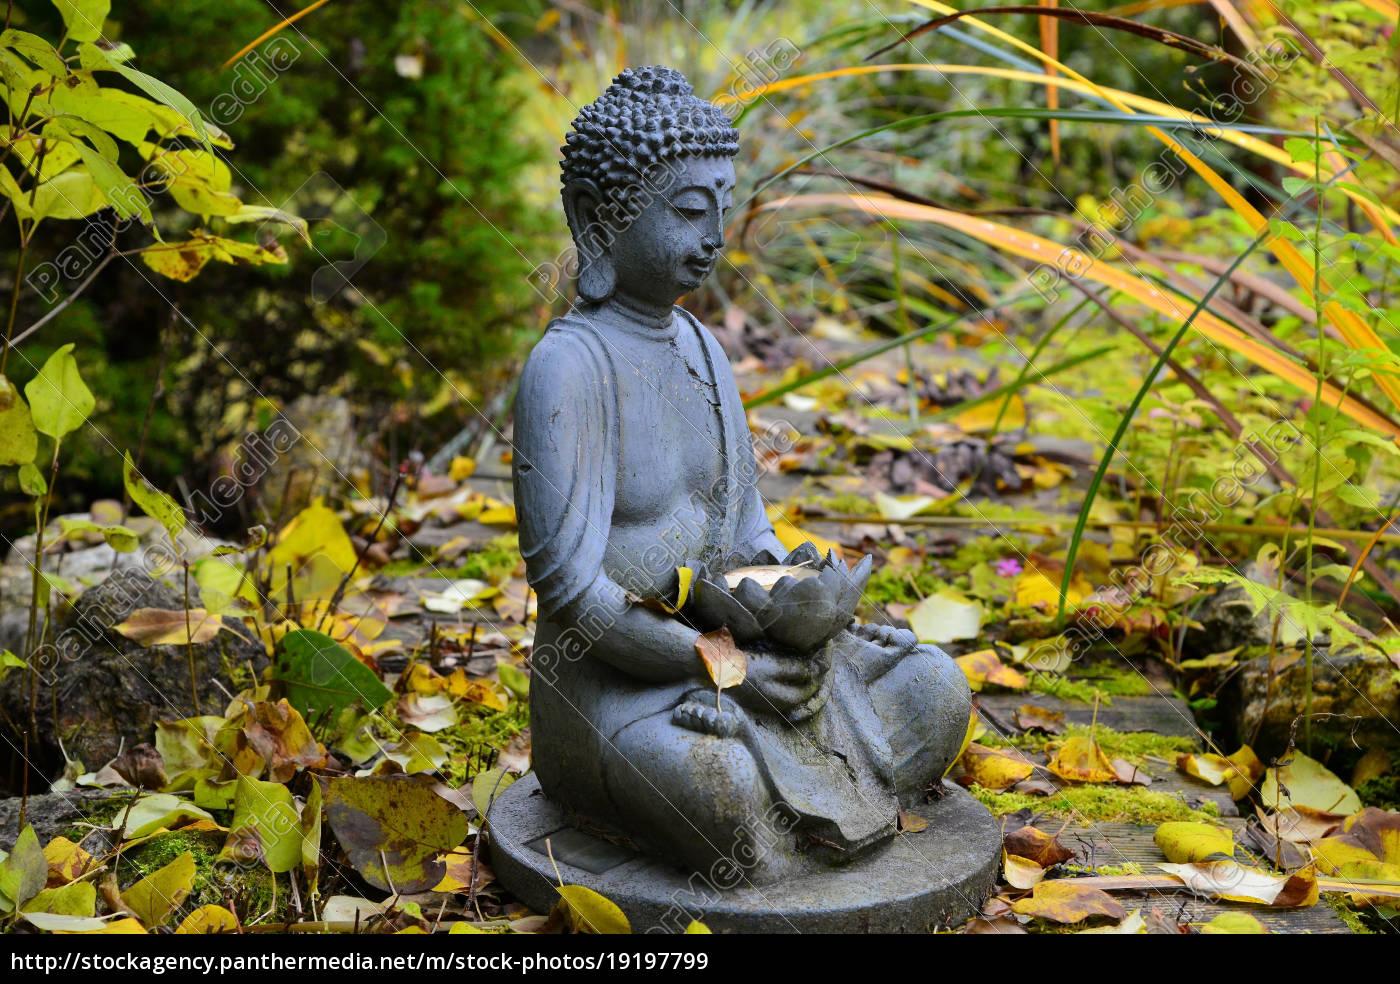 Bunter Herbst Im Garten An Einem Teich Mit Einem Buddha